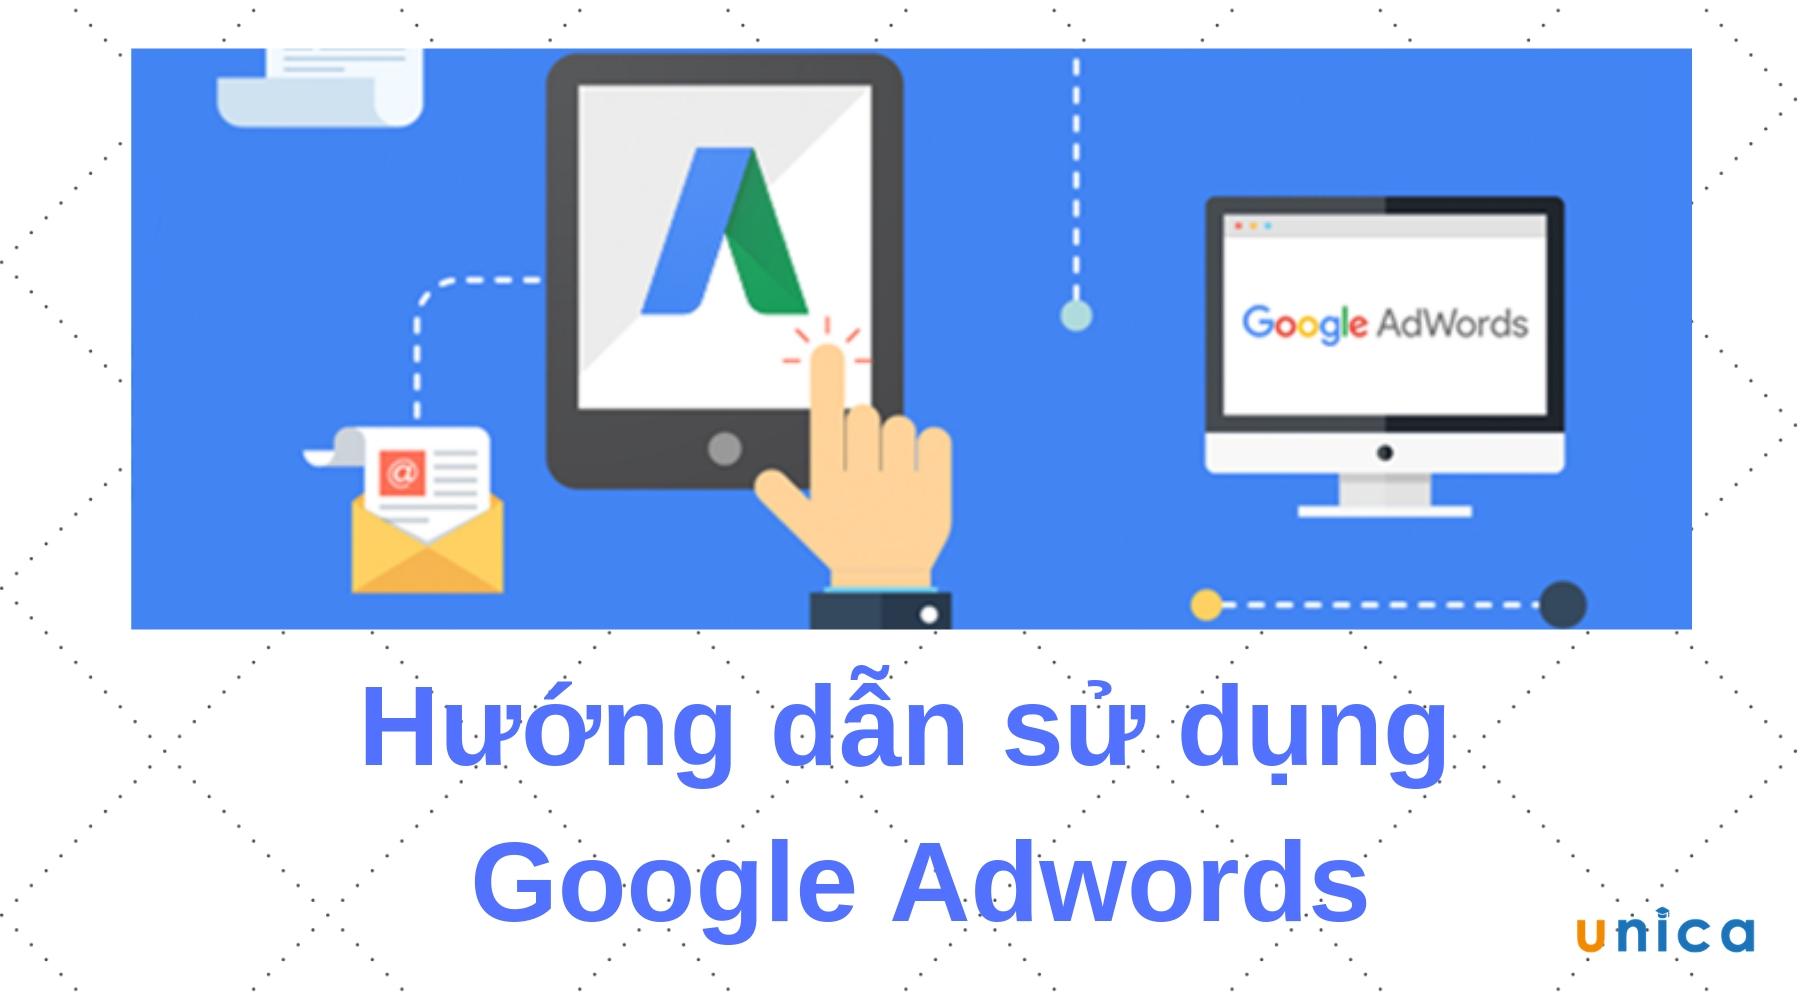 Hướng dẫn sử dụng Google Adwords chi tiết nhất